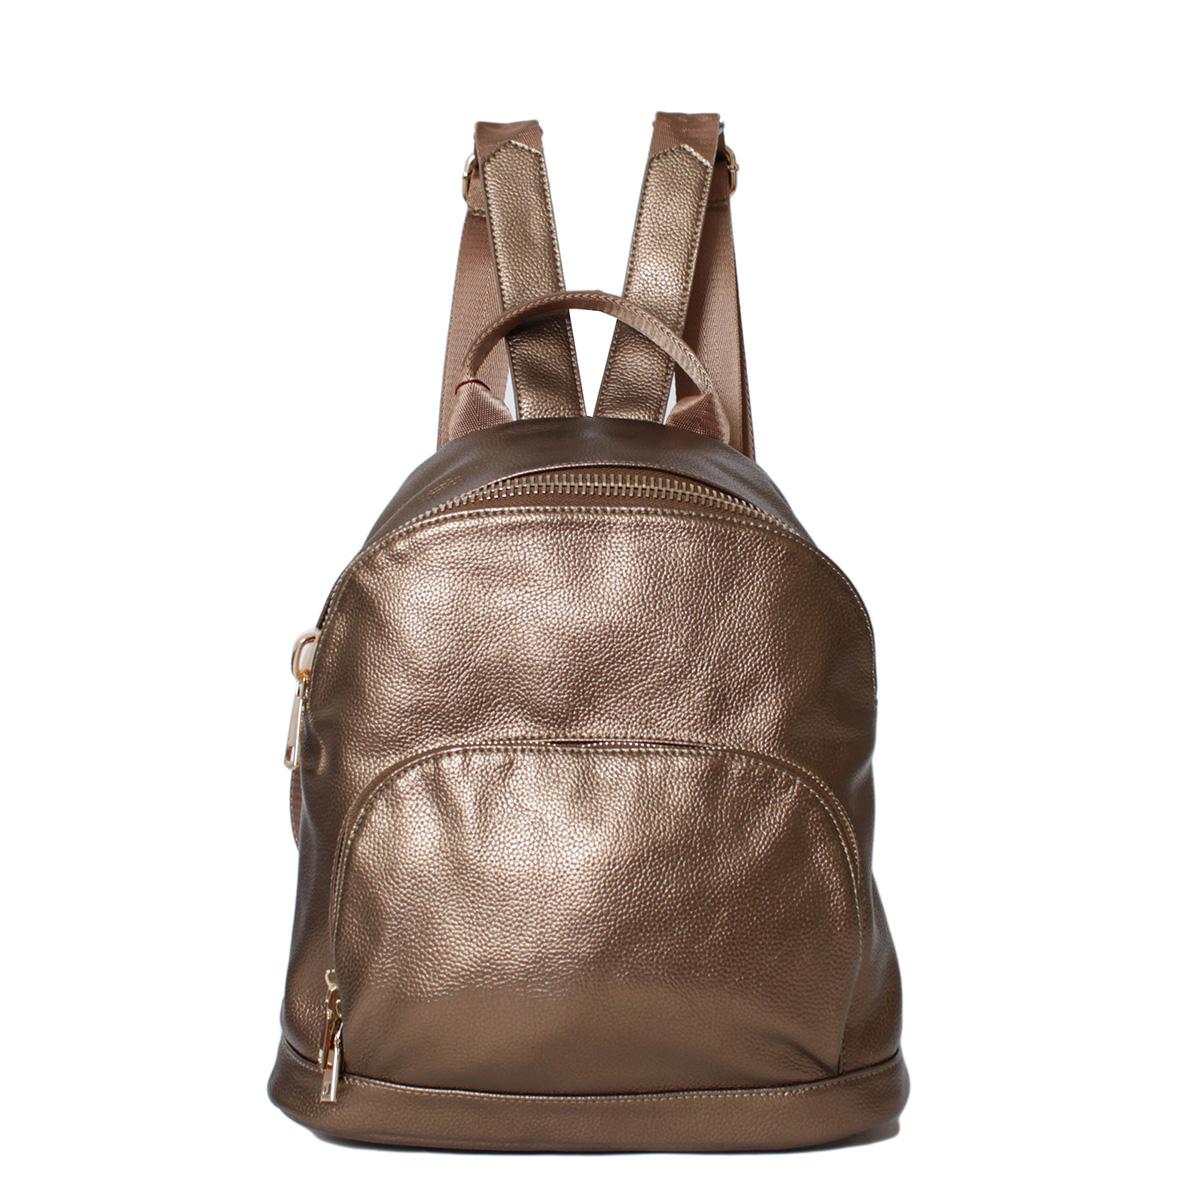 Рюкзак женский Flioraj, цвет: коричневый. 0005244300052443Закрывается на молнию. Внутри одно отделение, два кармана на молнии, три открытых кармана. Снаружи два кармана на молнии. Высота ручки - 8 см.